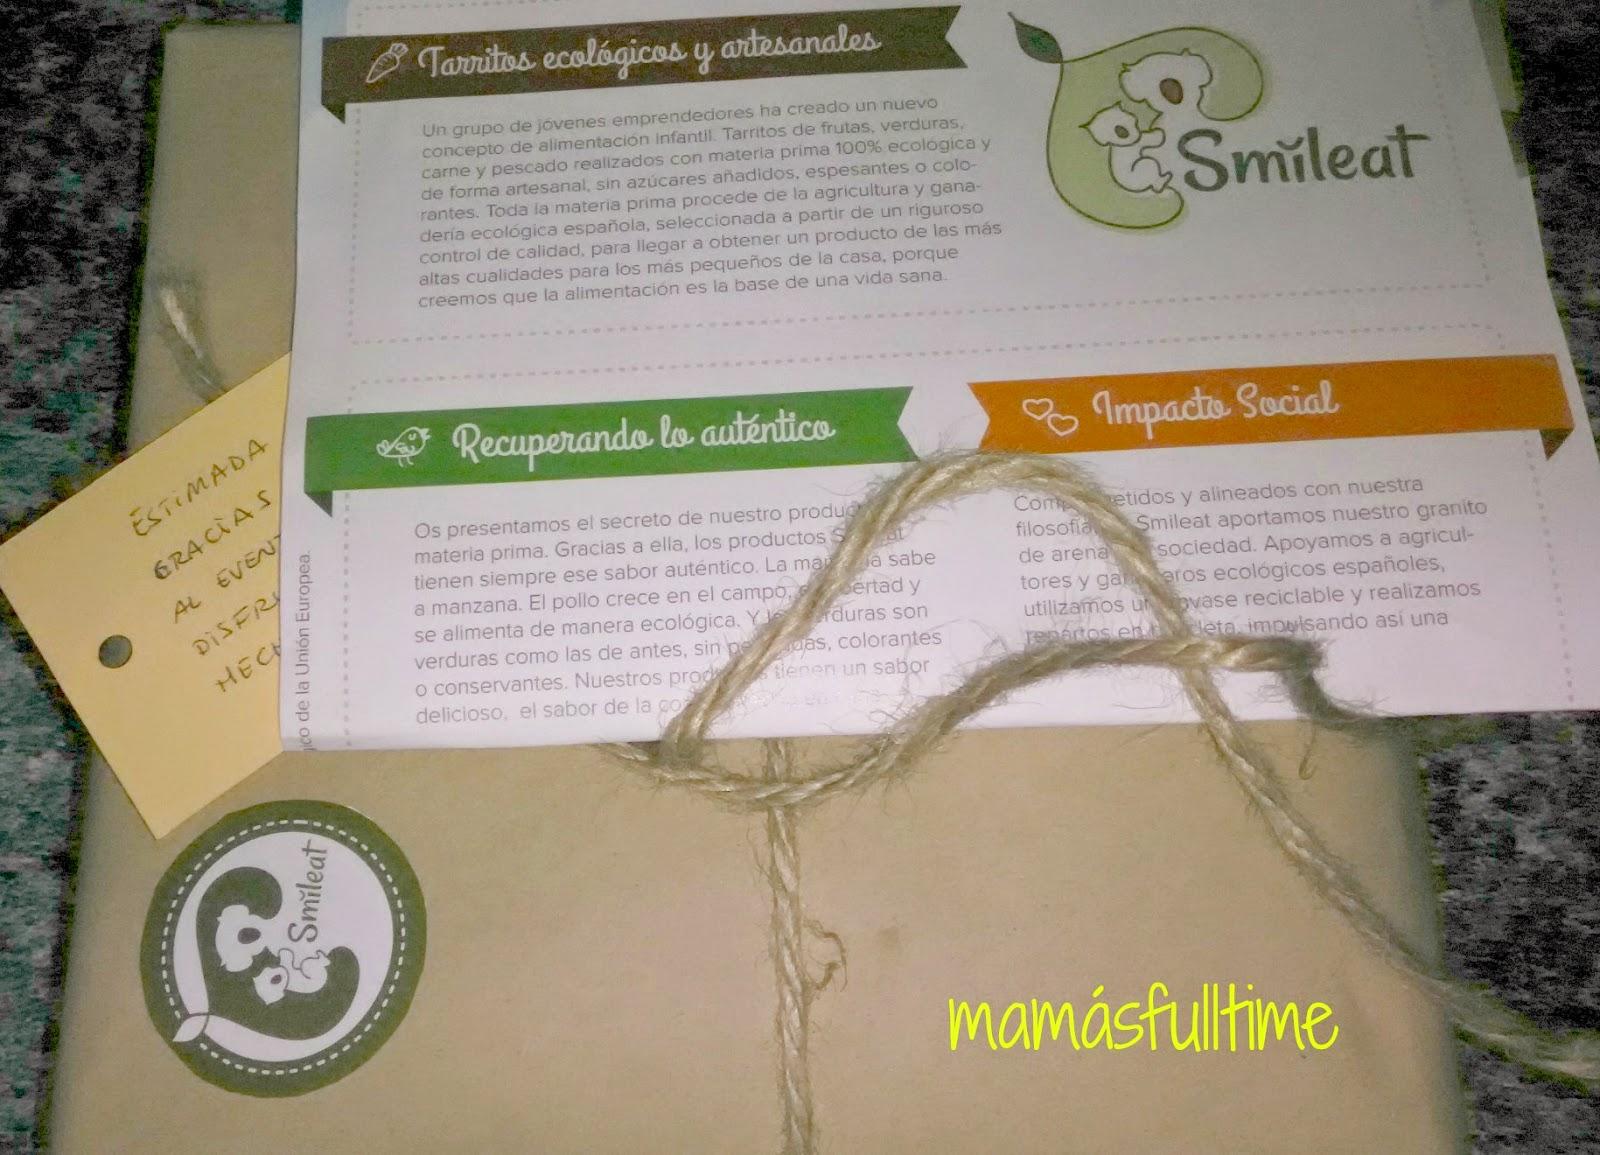 Smileat comida ecológica bebés